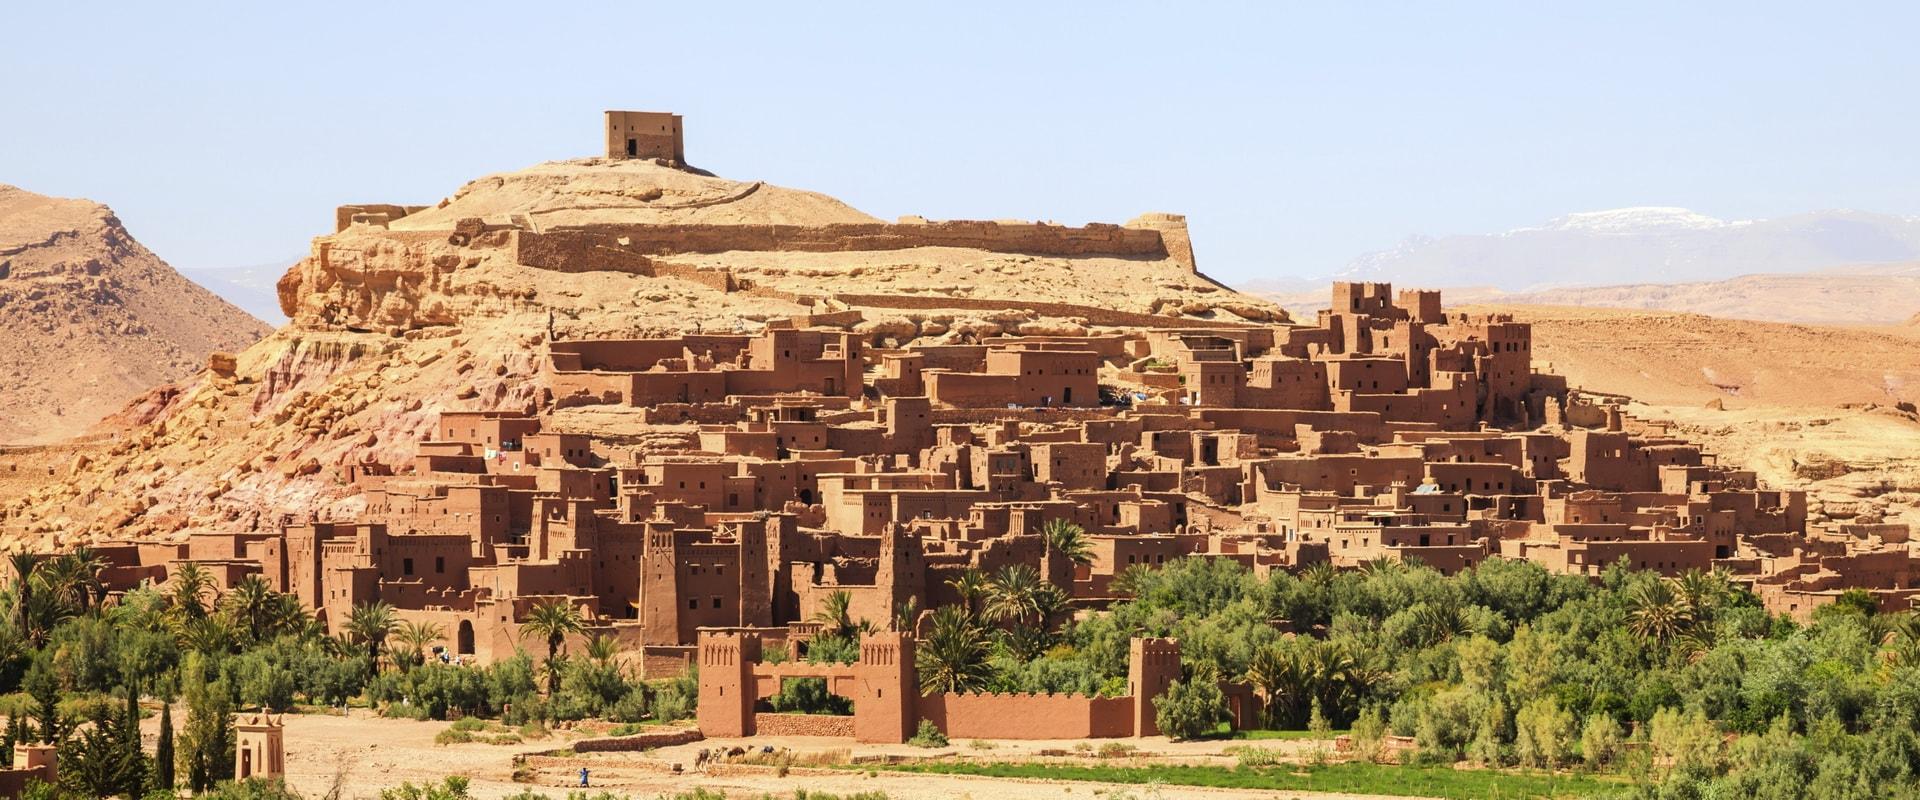 Voyages Expeditions Maroc - 8 jours sur 6 jours de circuits sud marocain en 4x4